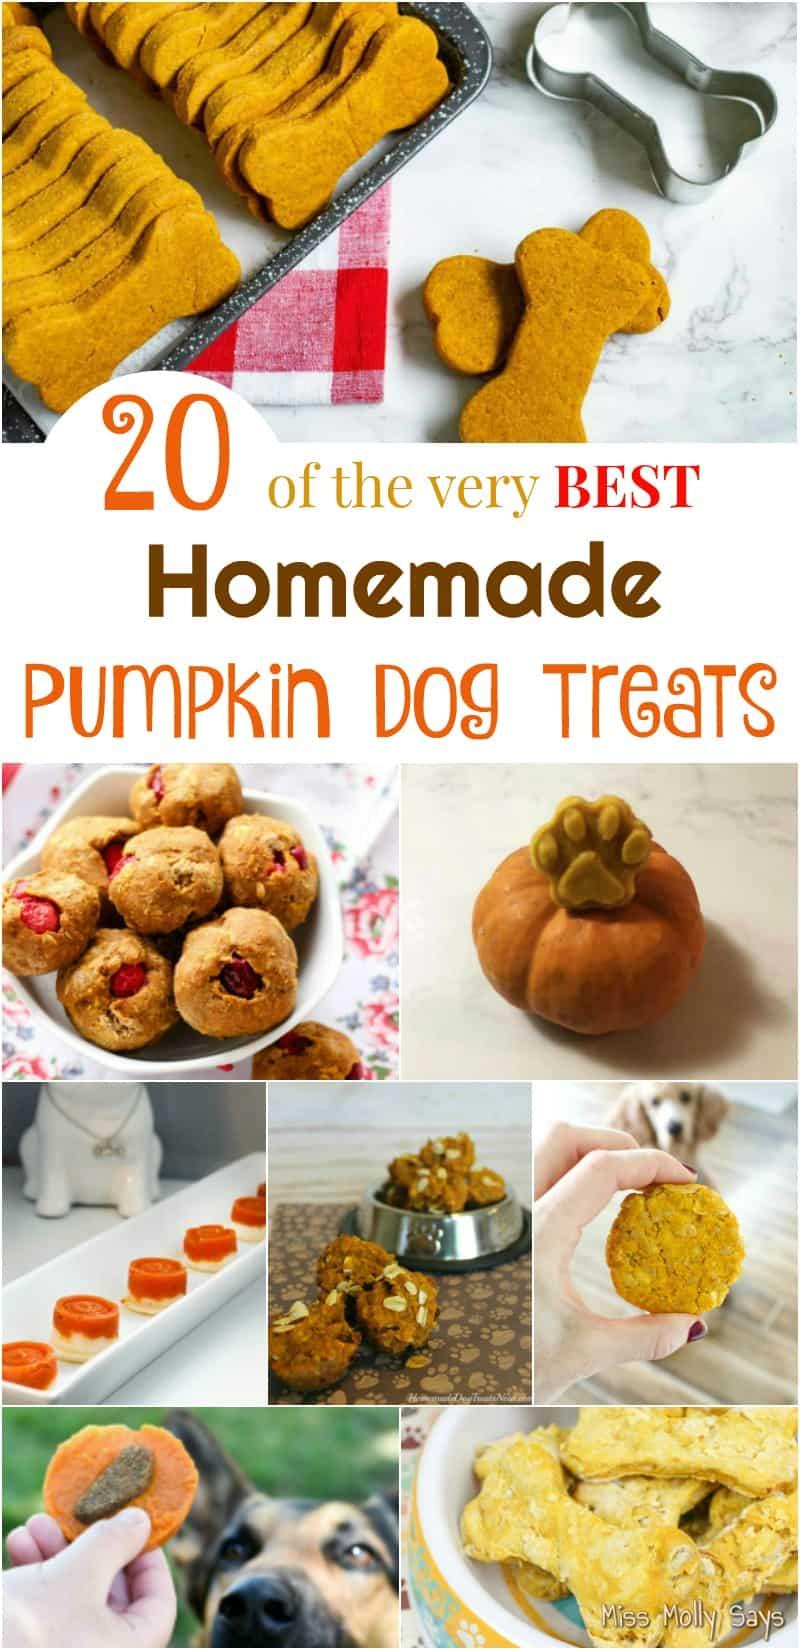 20 of the very Best Homemade Pumpkin Dog Treats